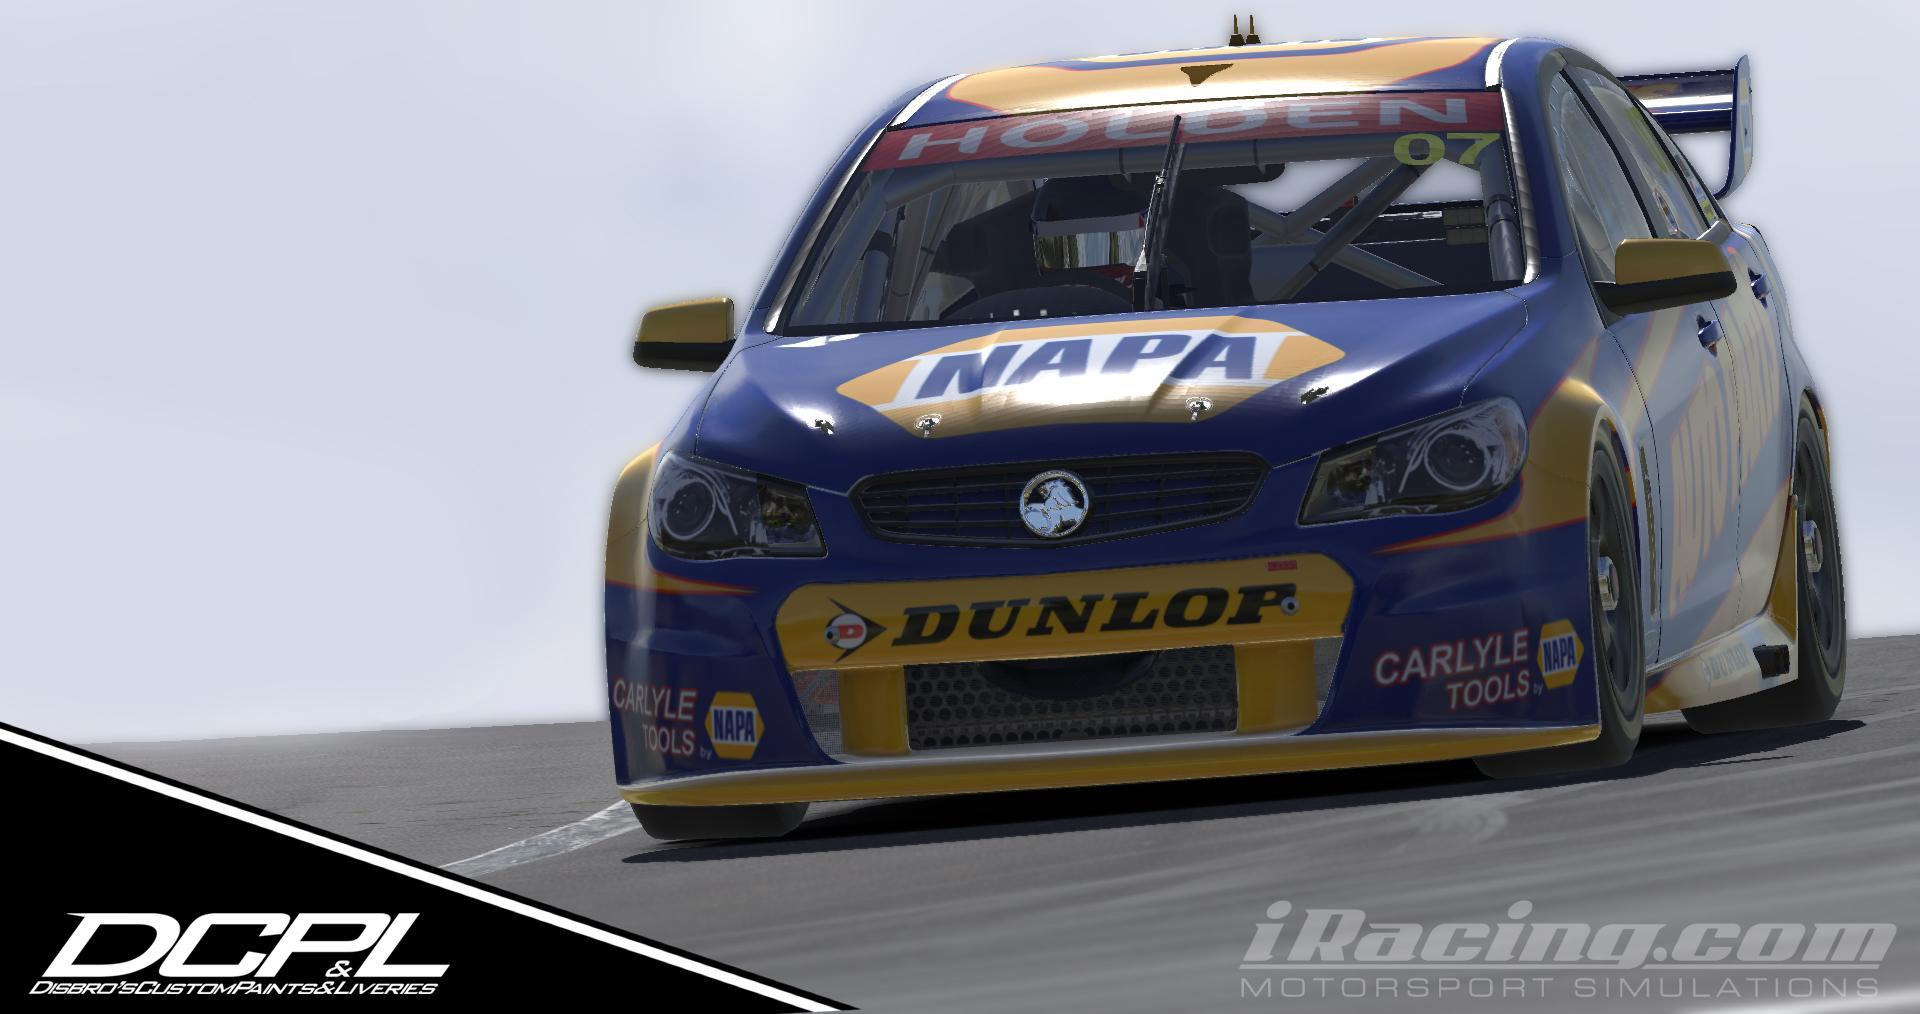 Preview of Napa Auto Parts V8 Commodore by Sean Disbro2